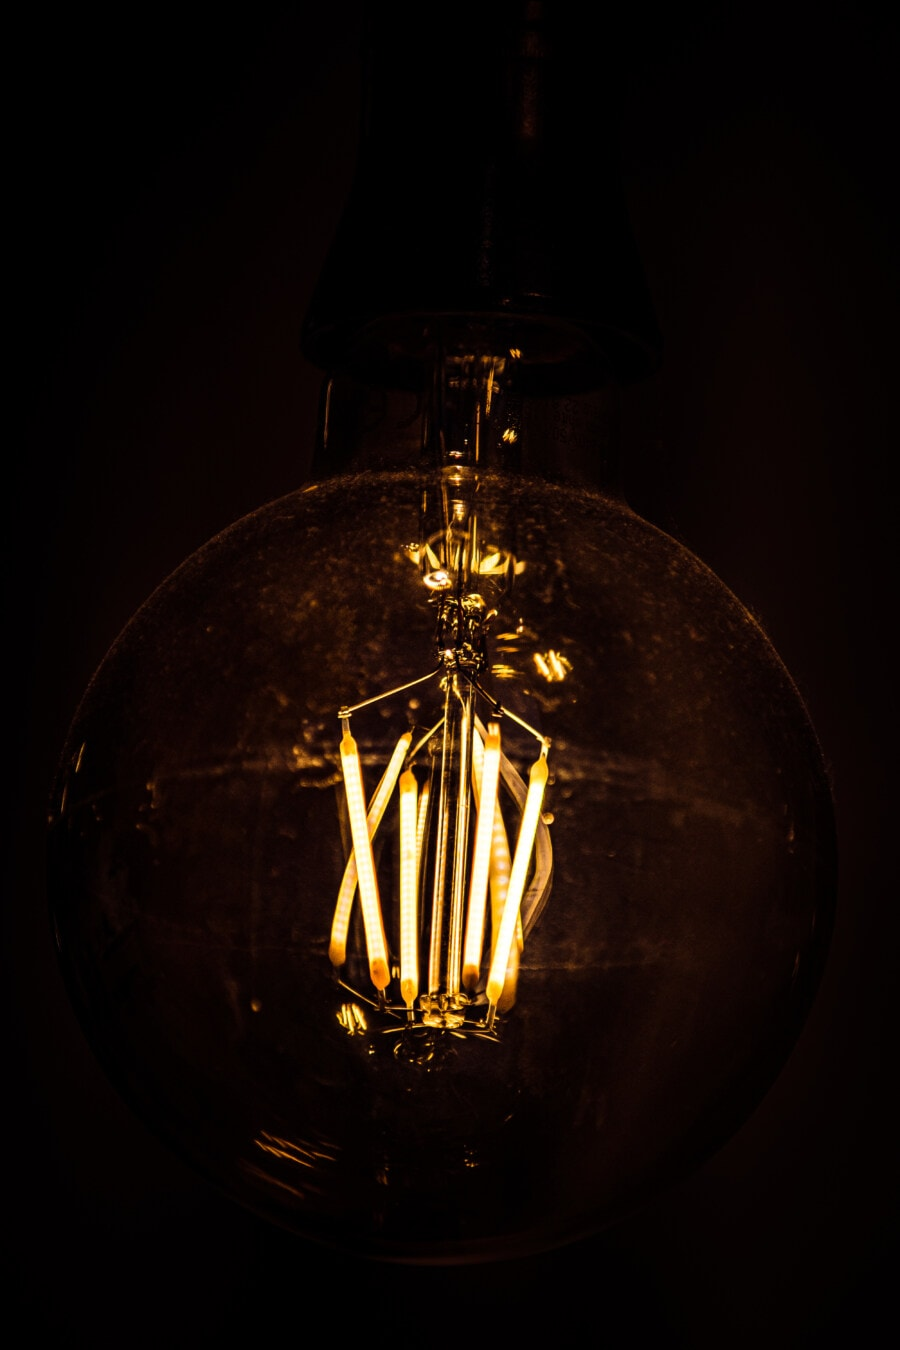 insidan, glödlampa, vintage, glödtråden, kablar, glödlampa, tråd, elektricitet, ljus, lampan